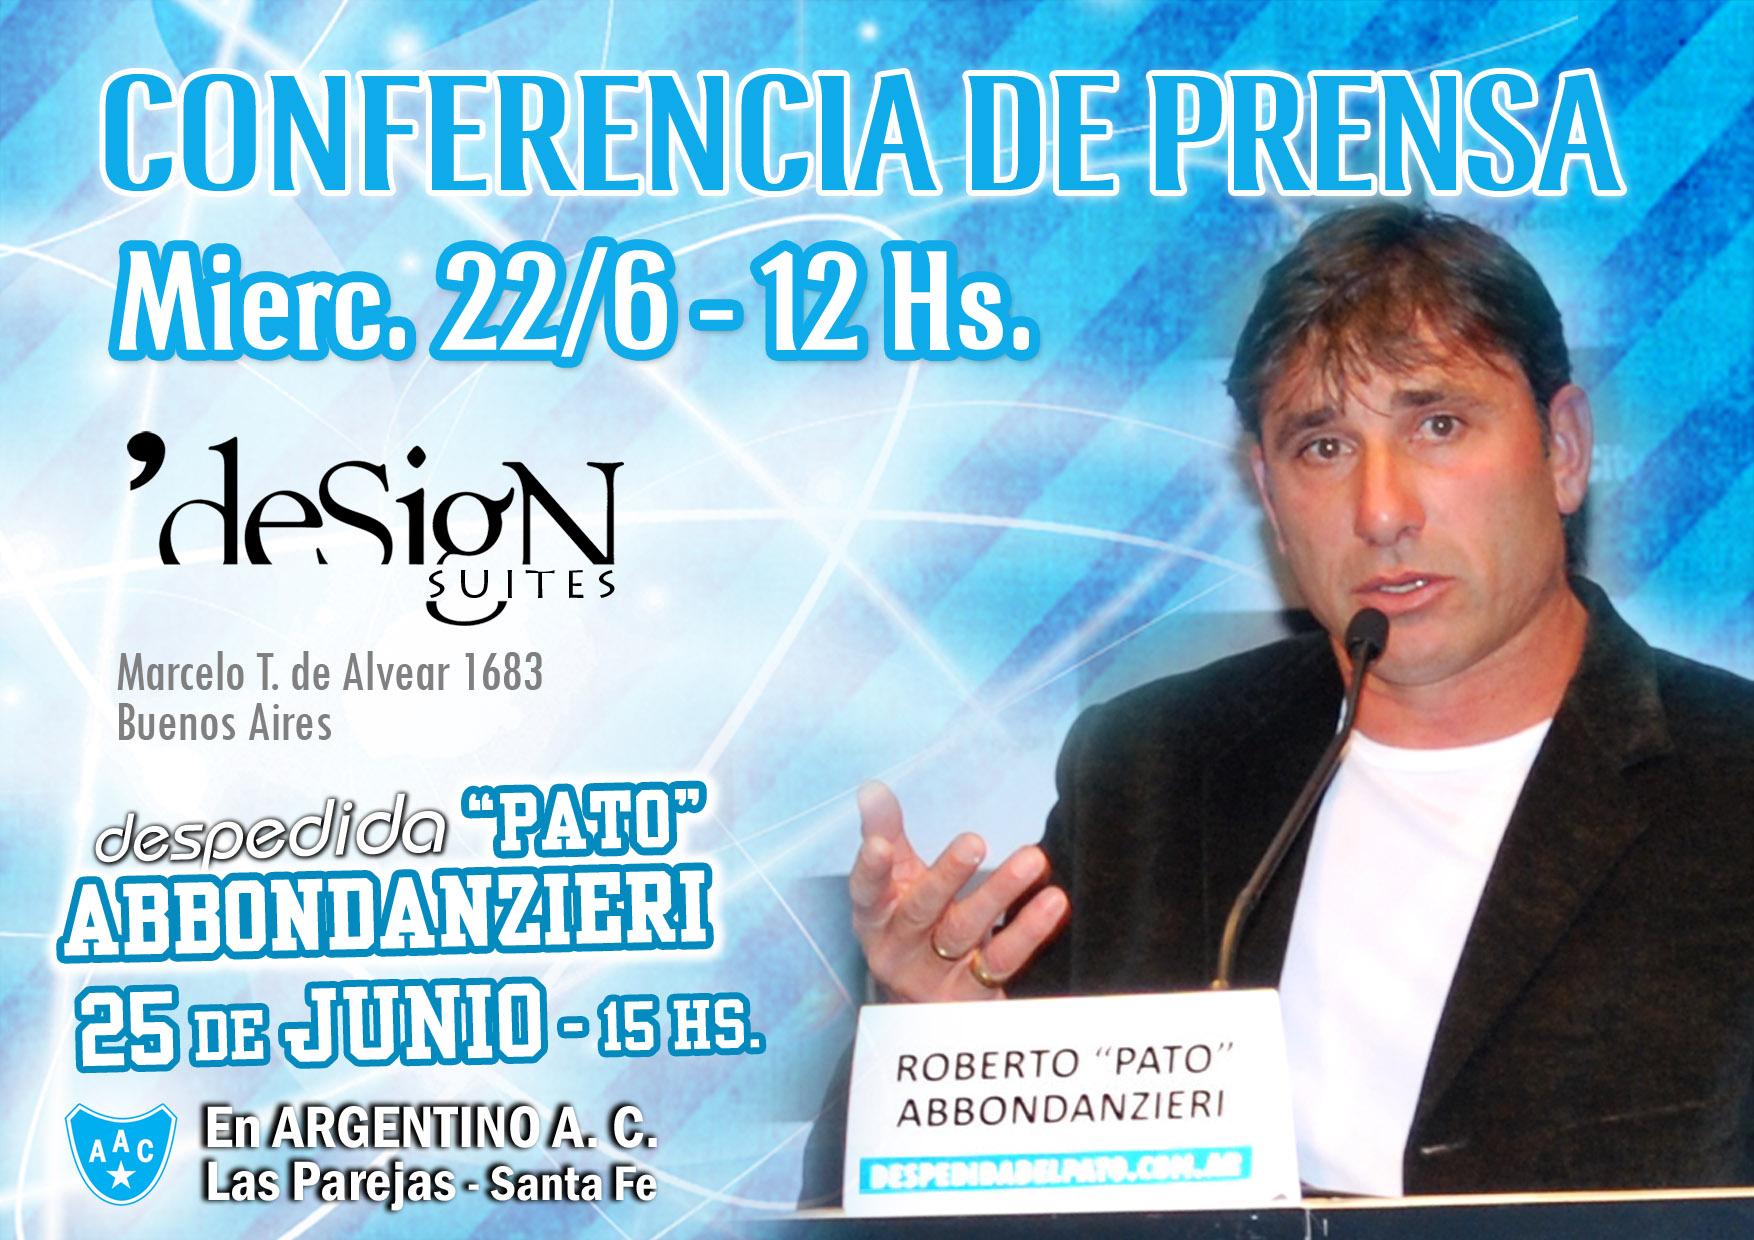 Conferencia de Prensa -22 de Junio en el Hotel Design Suites (Buenos Aires)